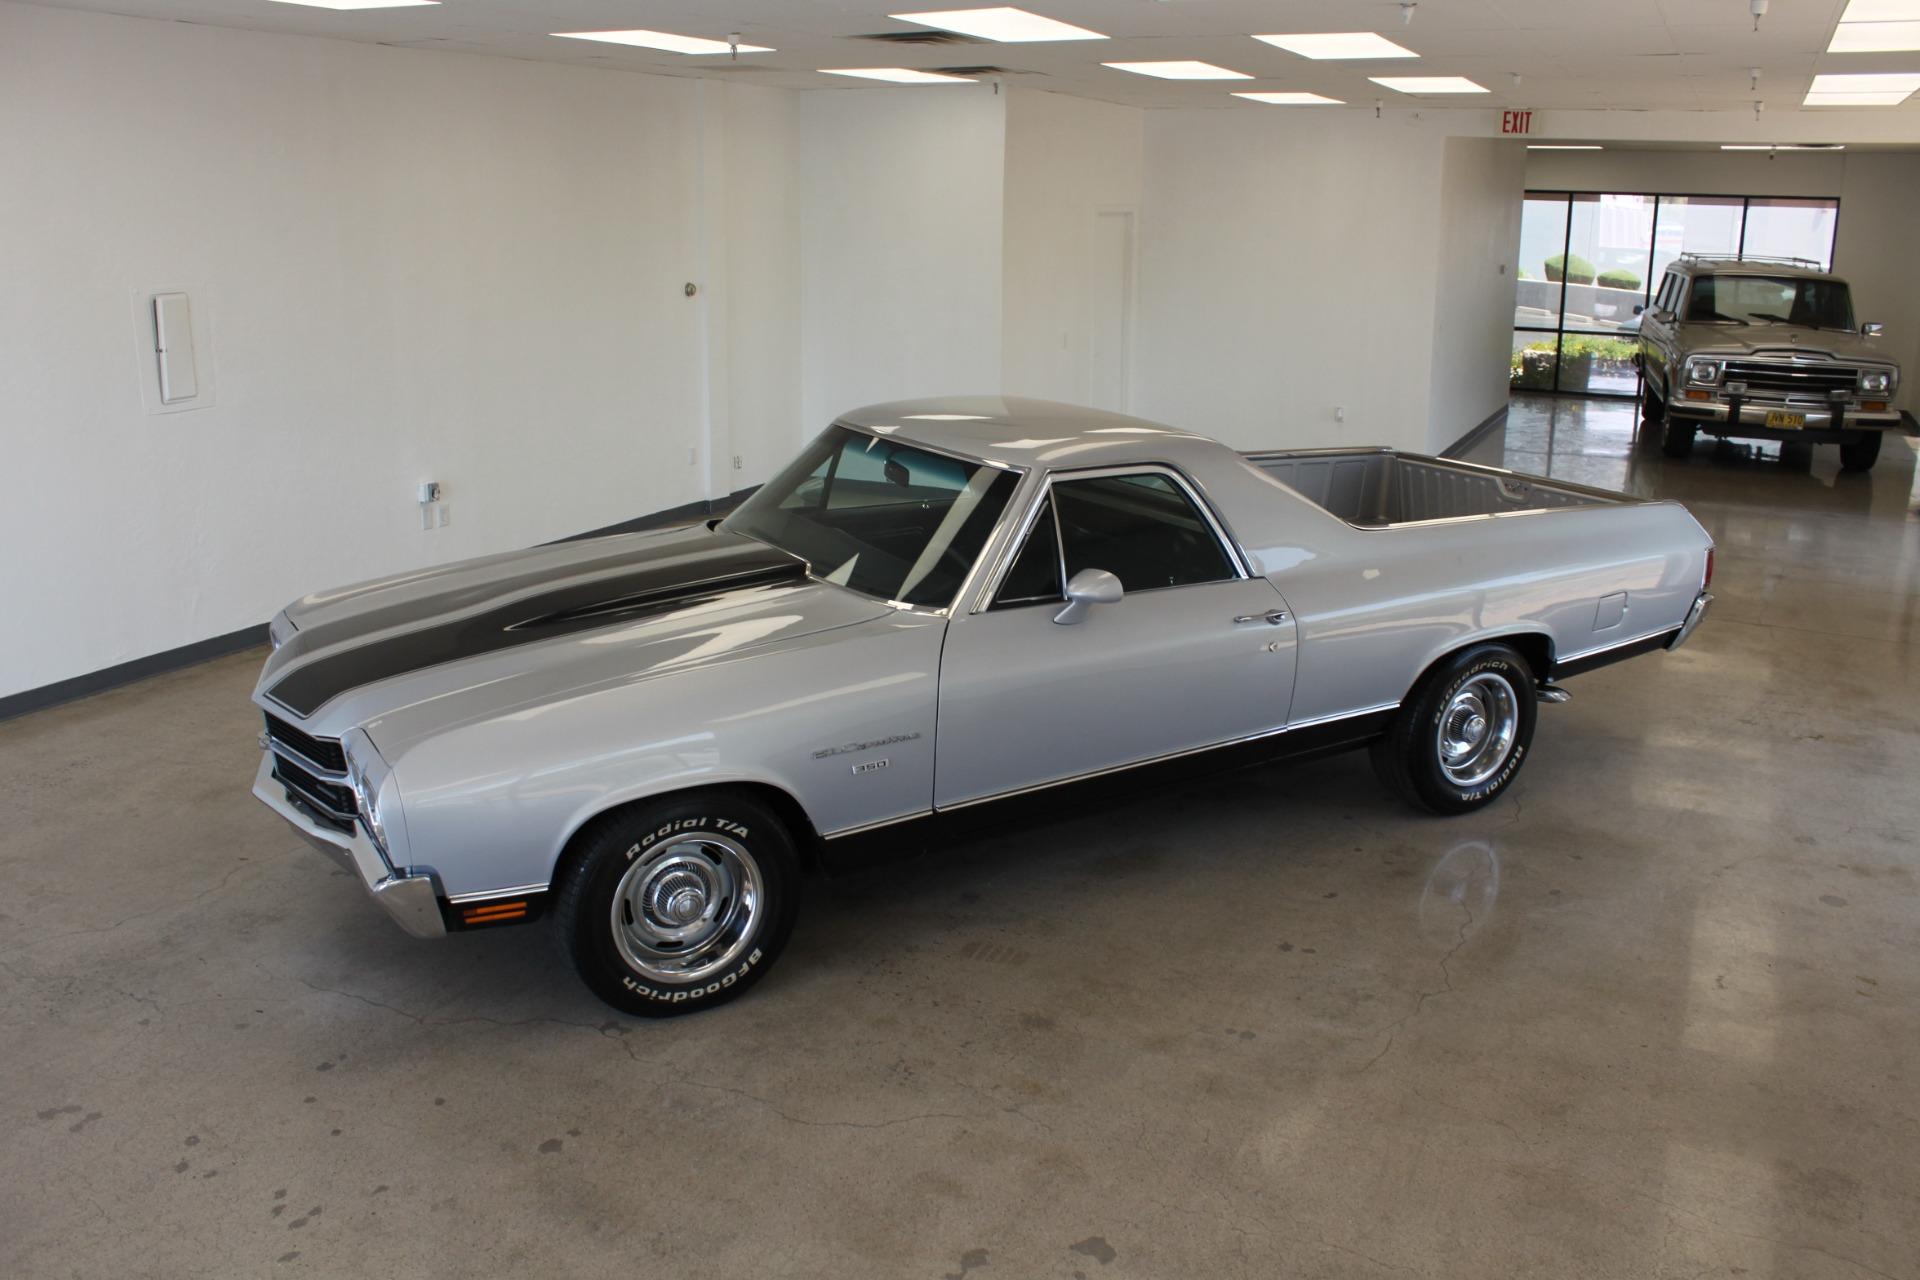 Used-1970-Chevrolet-El-Camino-Custom-350-ci-Lexus